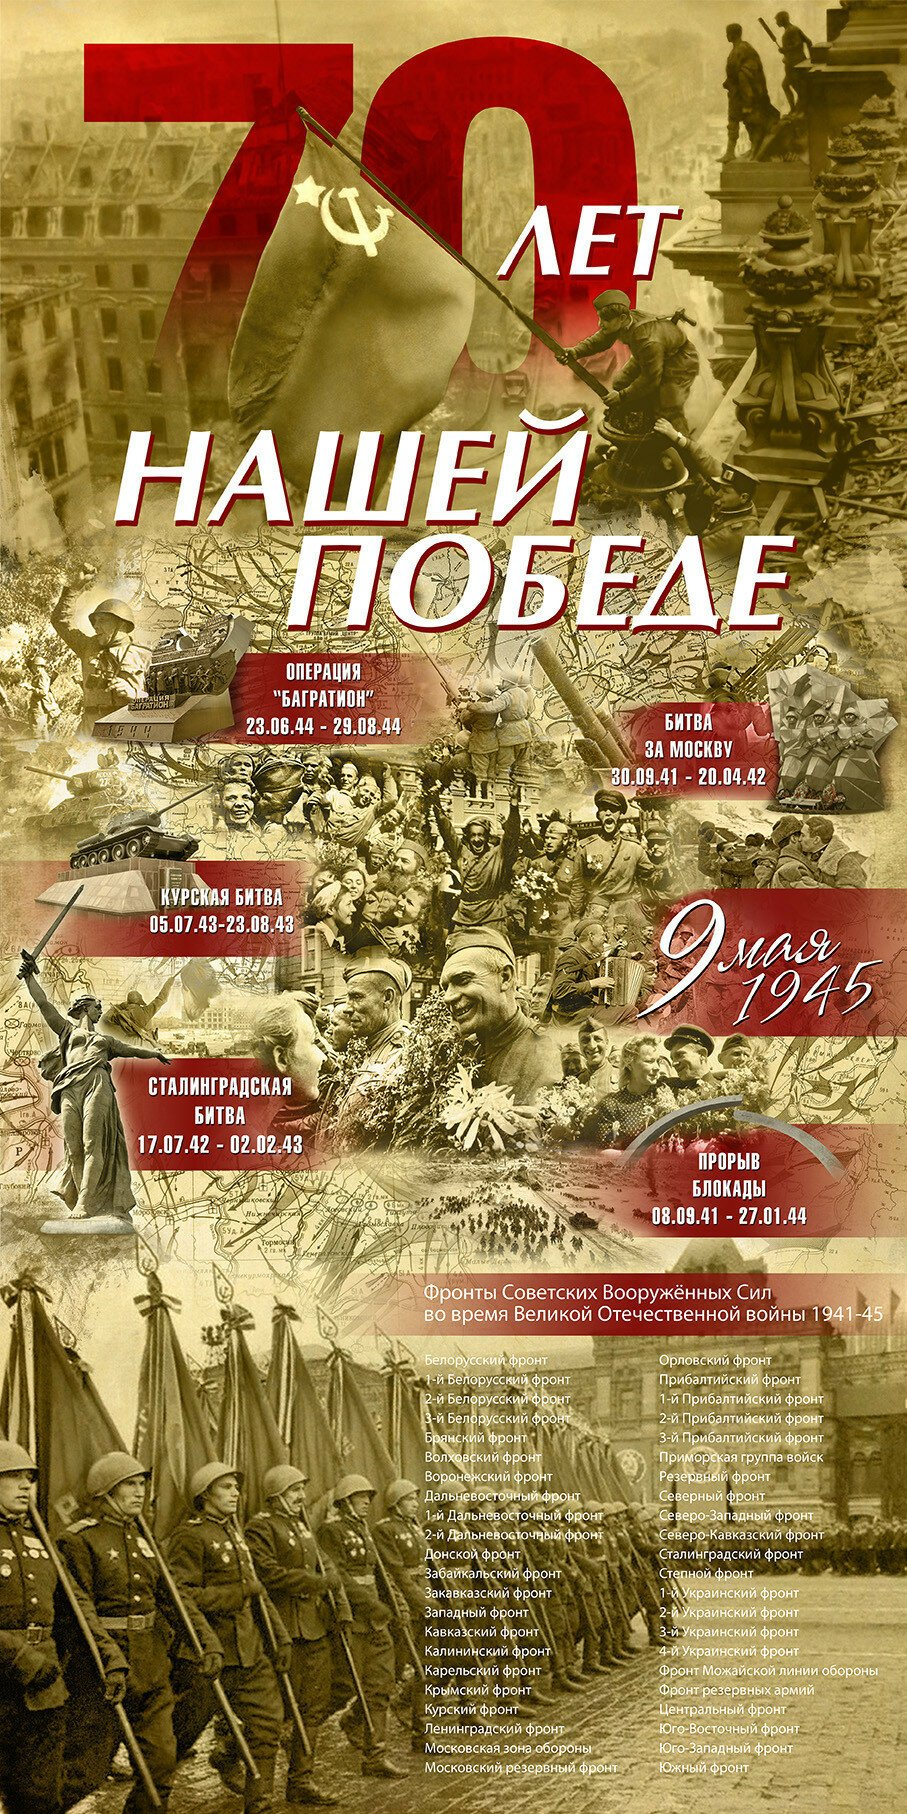 9 мая плакат победы